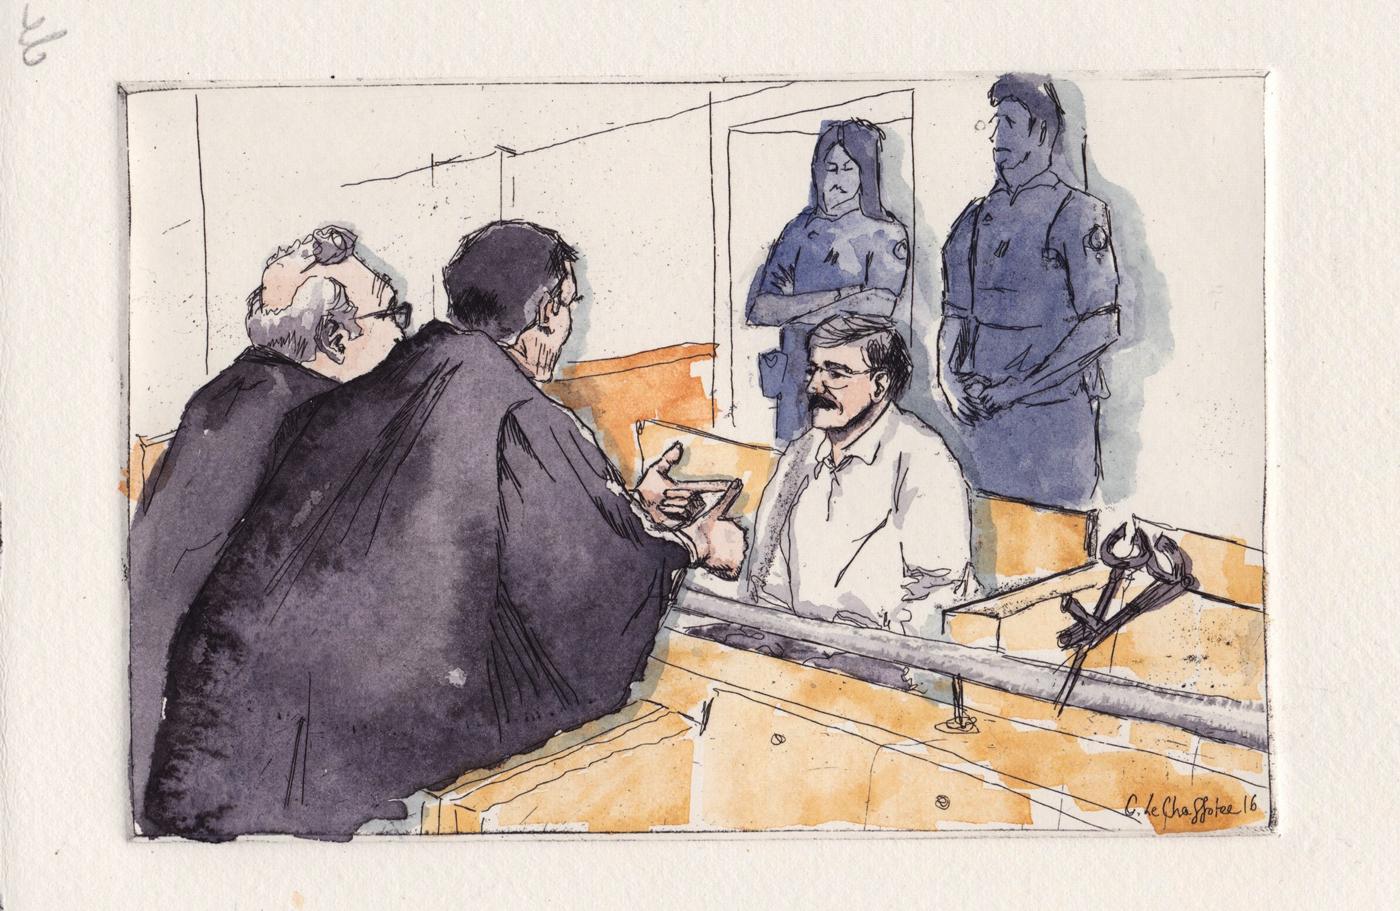 L'accusé dans son box, cour d'assises de Vers